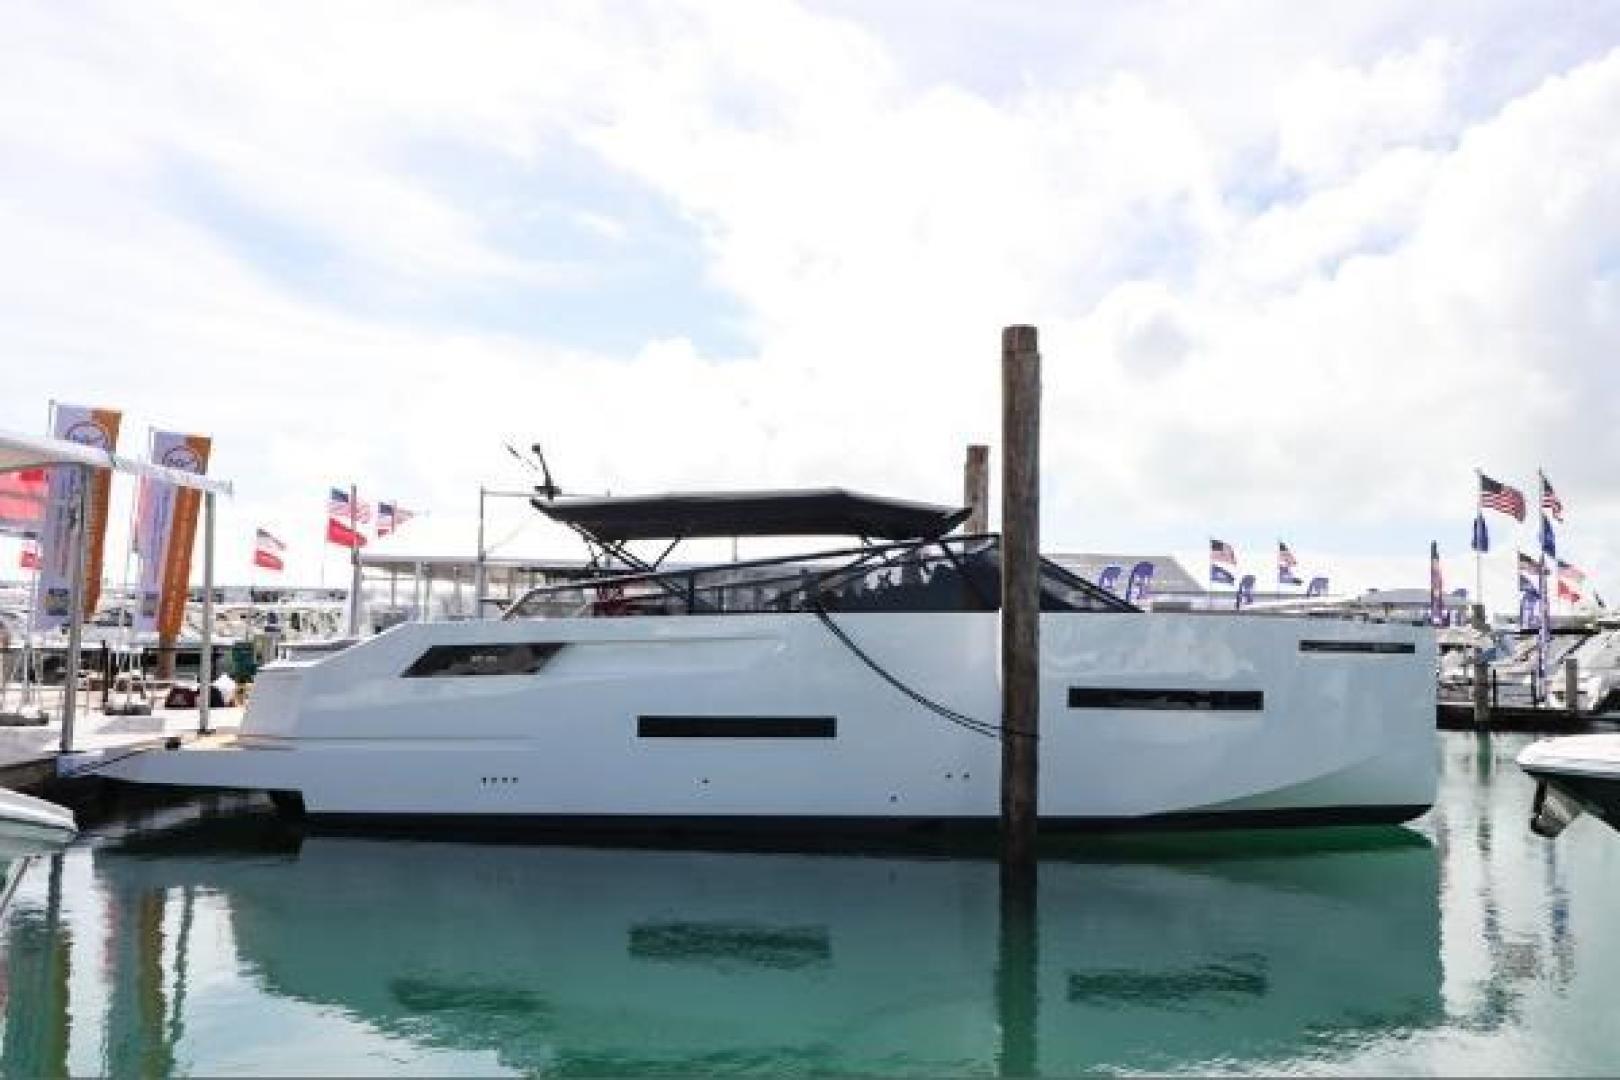 De Antonio-D46 Open 2020-De Antonio Yachts D46 Open Fort Lauderdale-Florida-United States-1523054 | Thumbnail